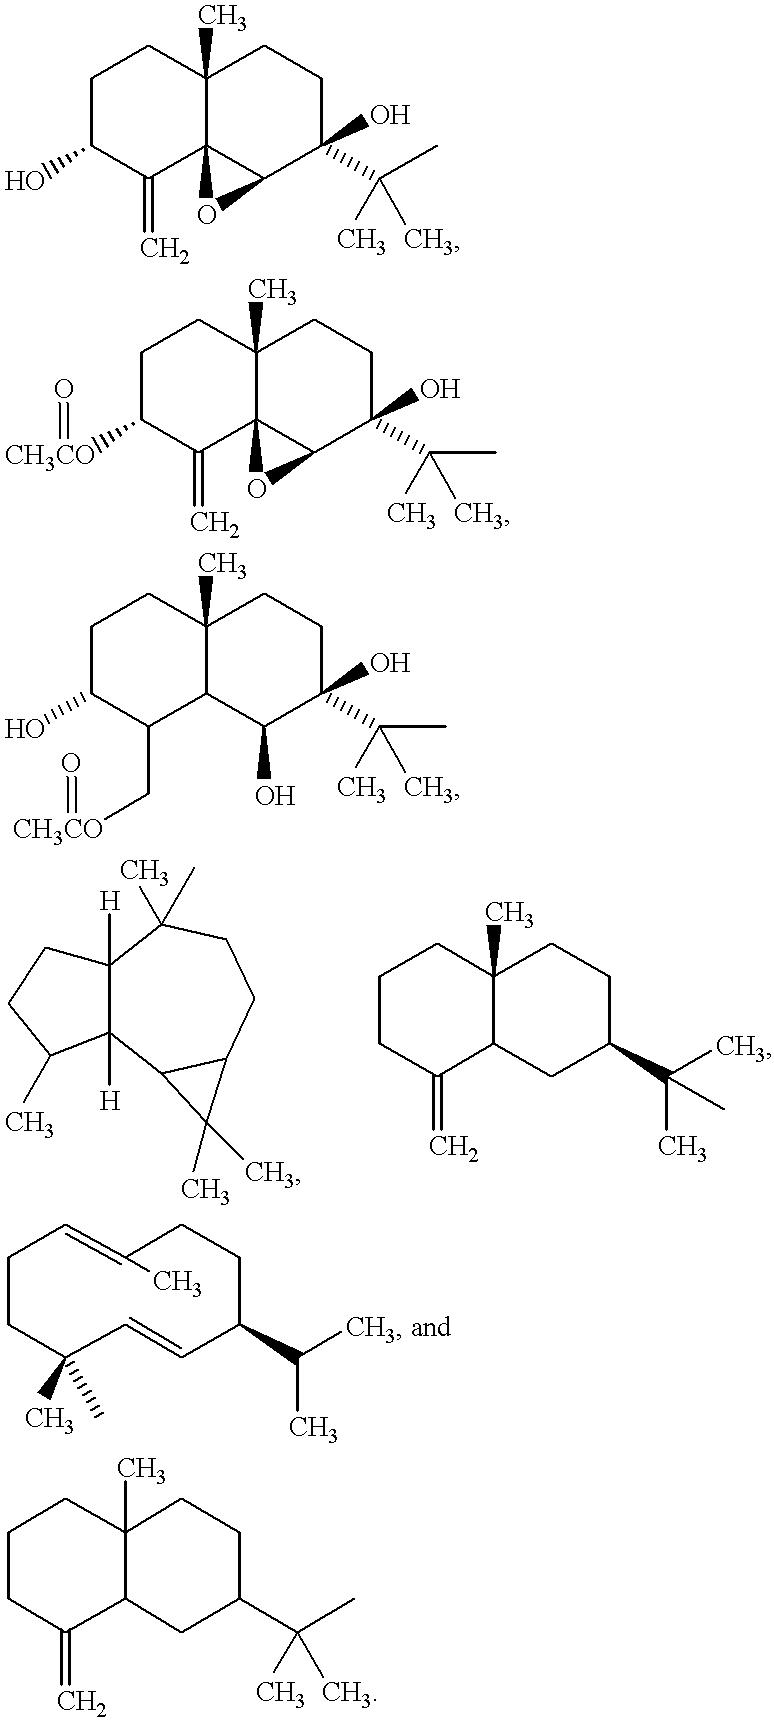 Figure US06225342-20010501-C00007